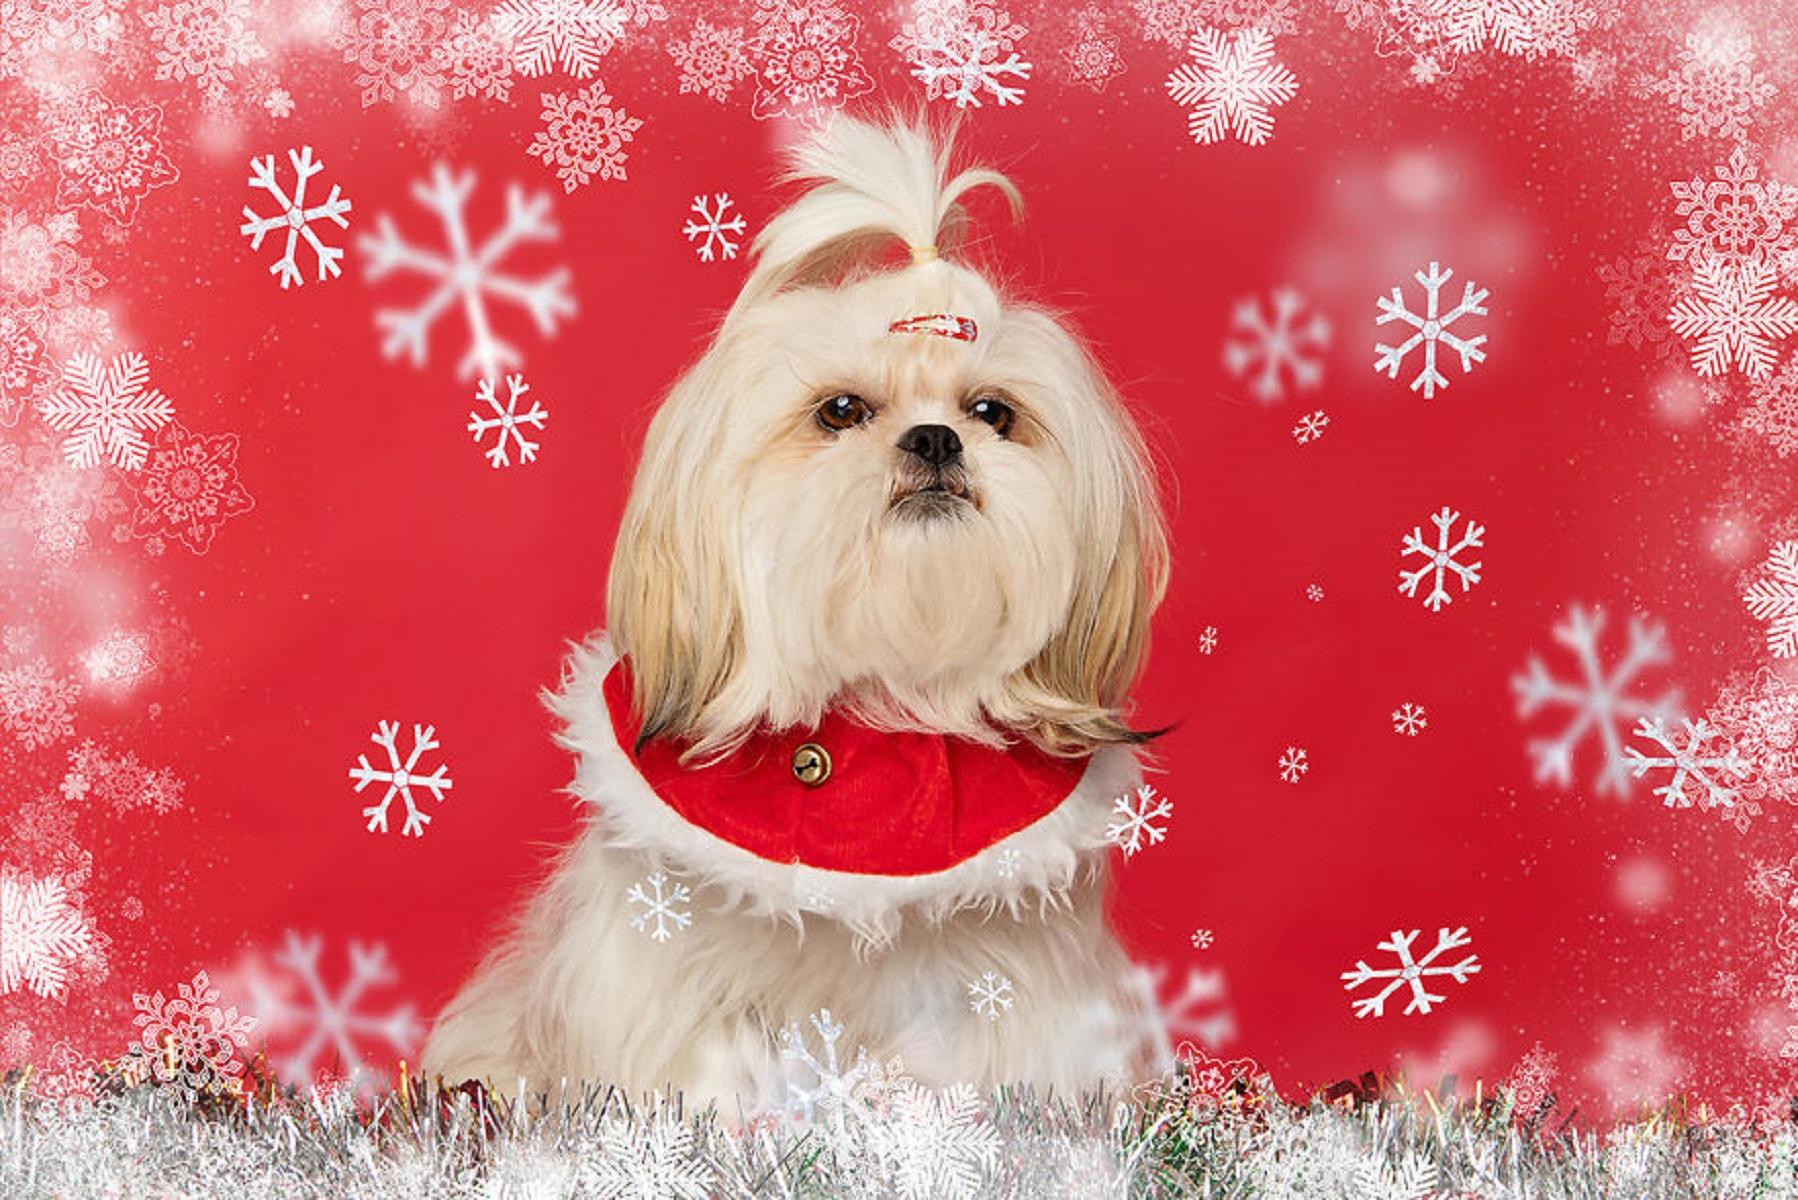 12 caes do Natal essa sessao de fotos natalinas vai te ajudar a entrar no espirito natalino 4